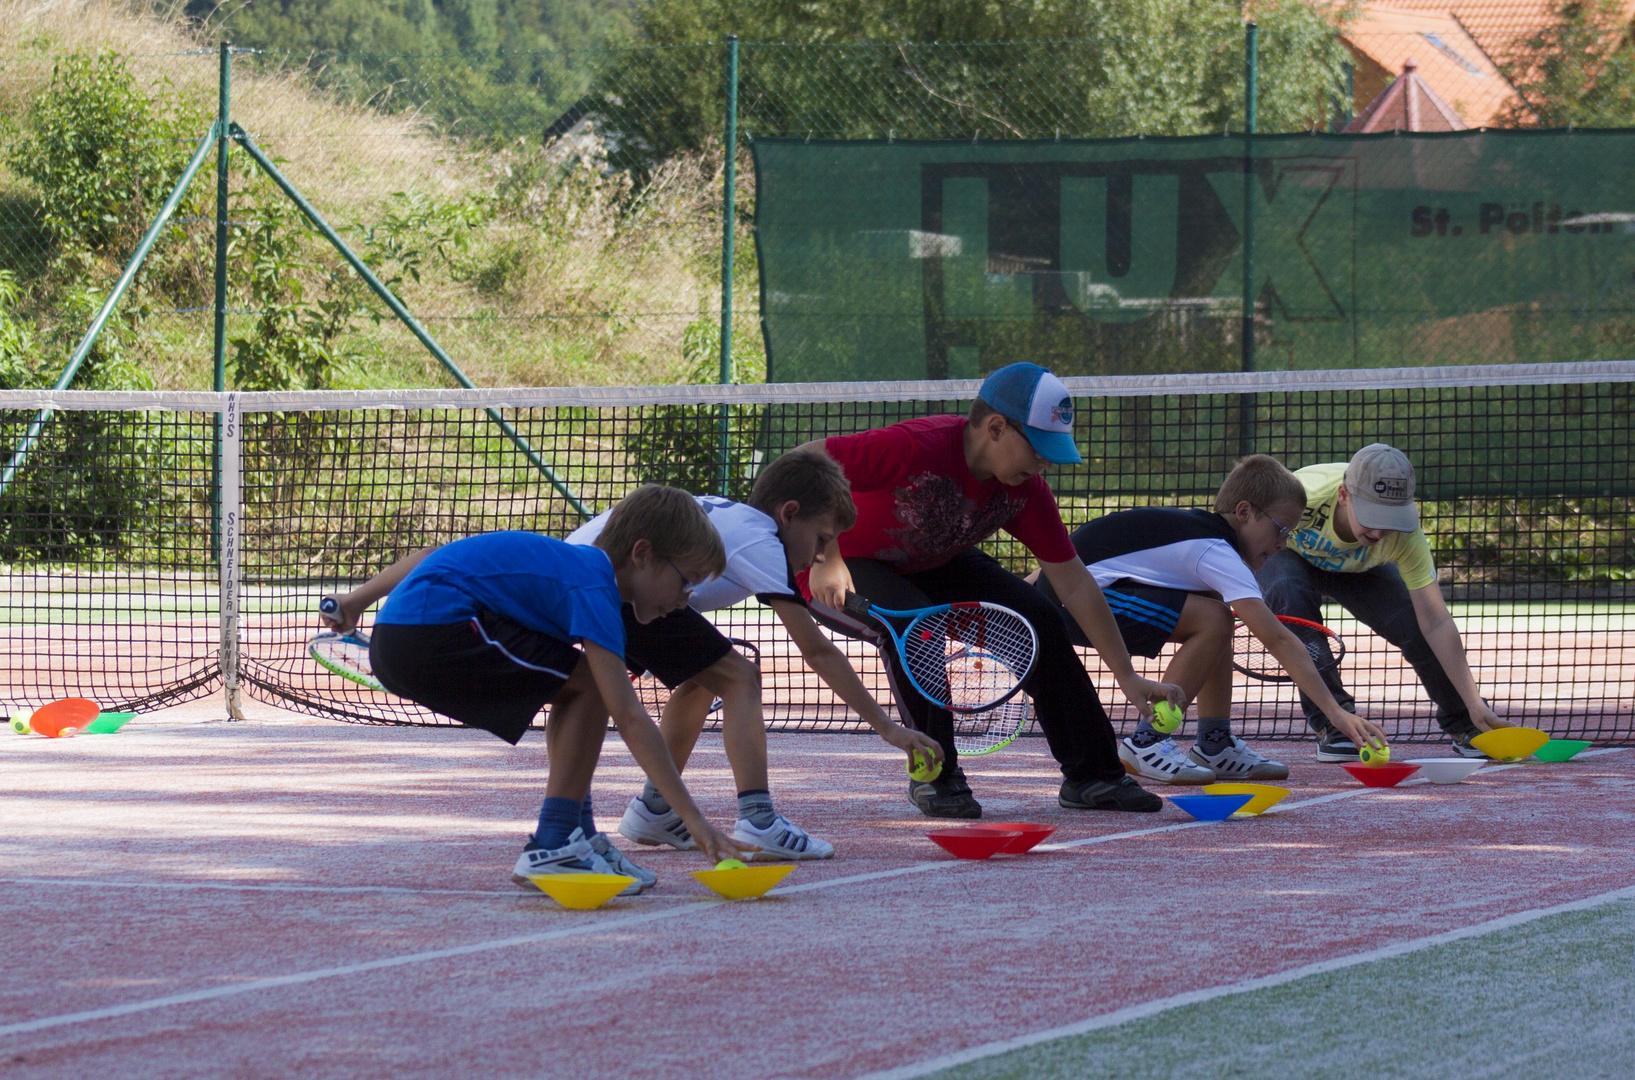 Meine beim Tennisspielen